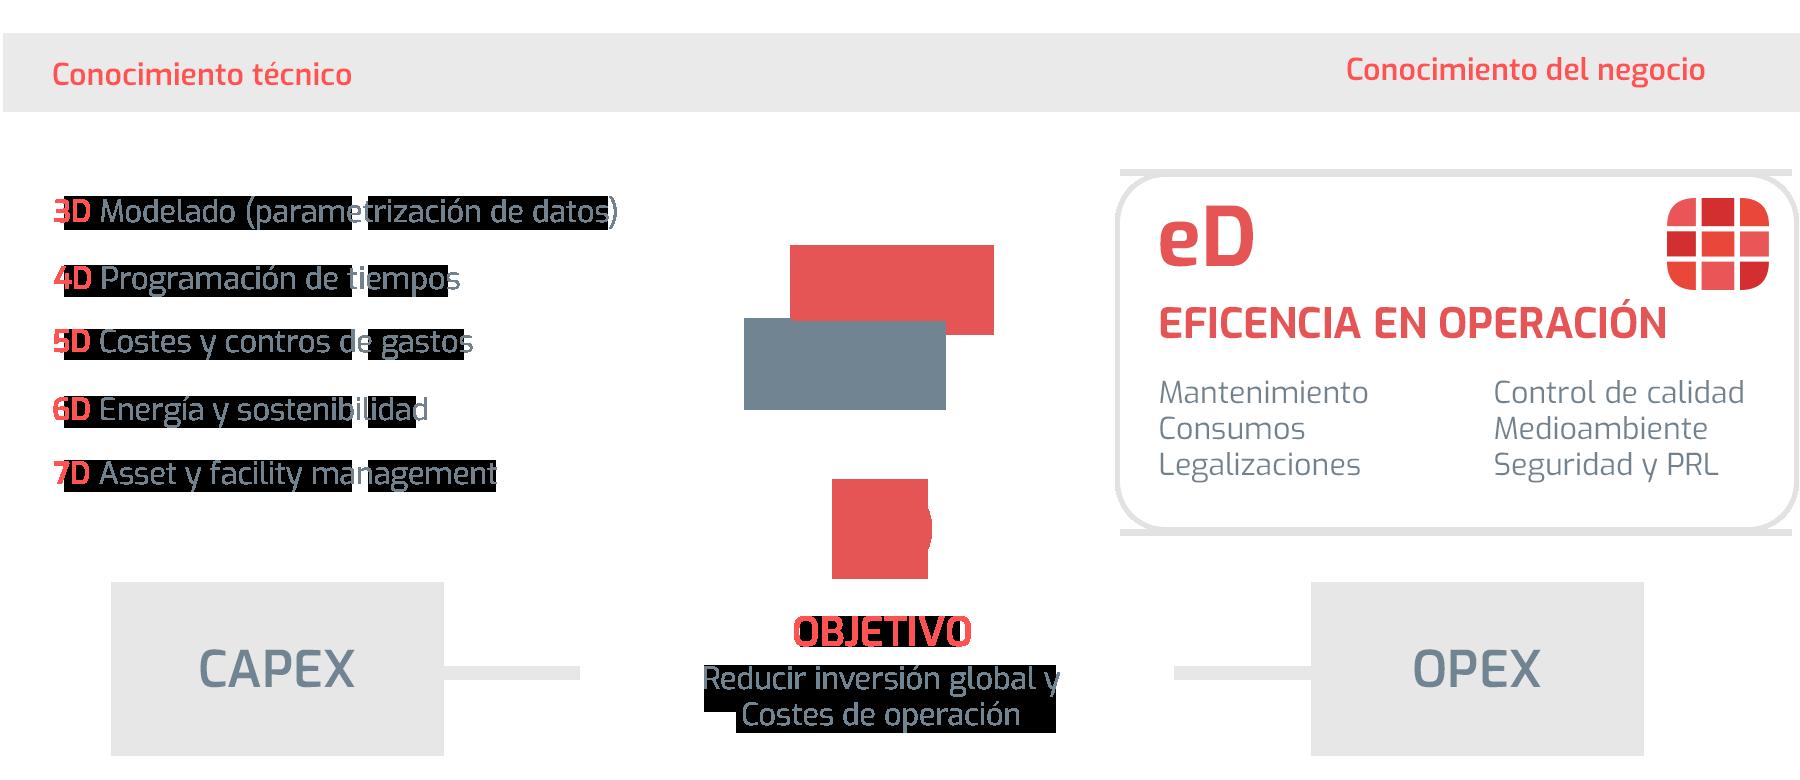 Dimensión eD: Conocimiento de negocio